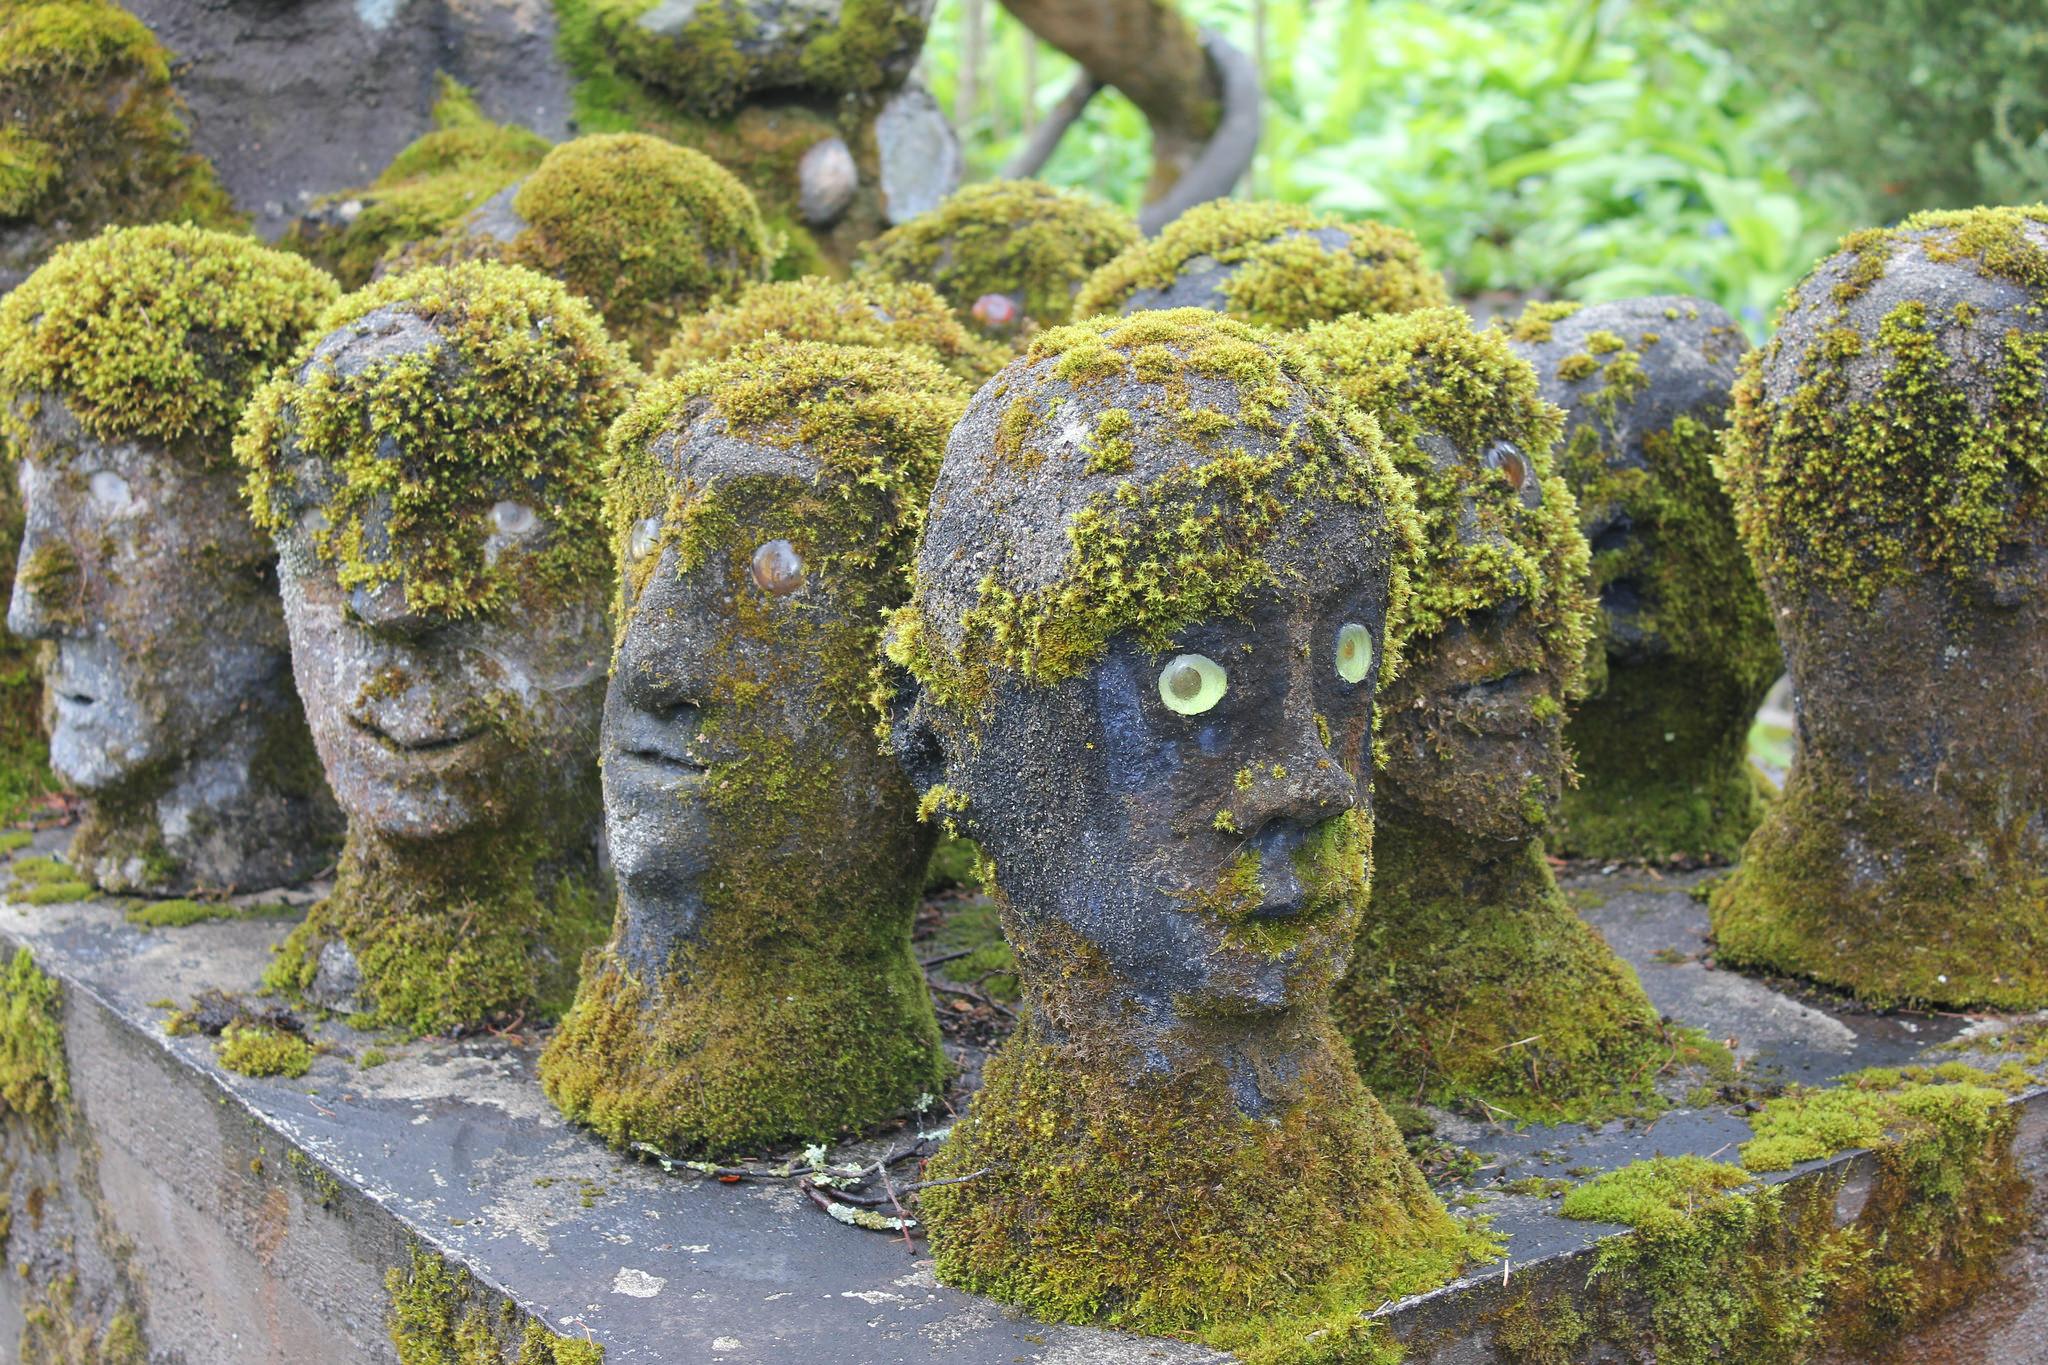 Таинственный лес потусторонних скульптур смерти, Ренккёнен, скульптуры, жизни, бумажной, начал, Рёнкённен, балансируют, Возможно, более, посещают, рядом, почти, Ронккёнена, одной, работал, домом, Сегодня, всего, отшельником